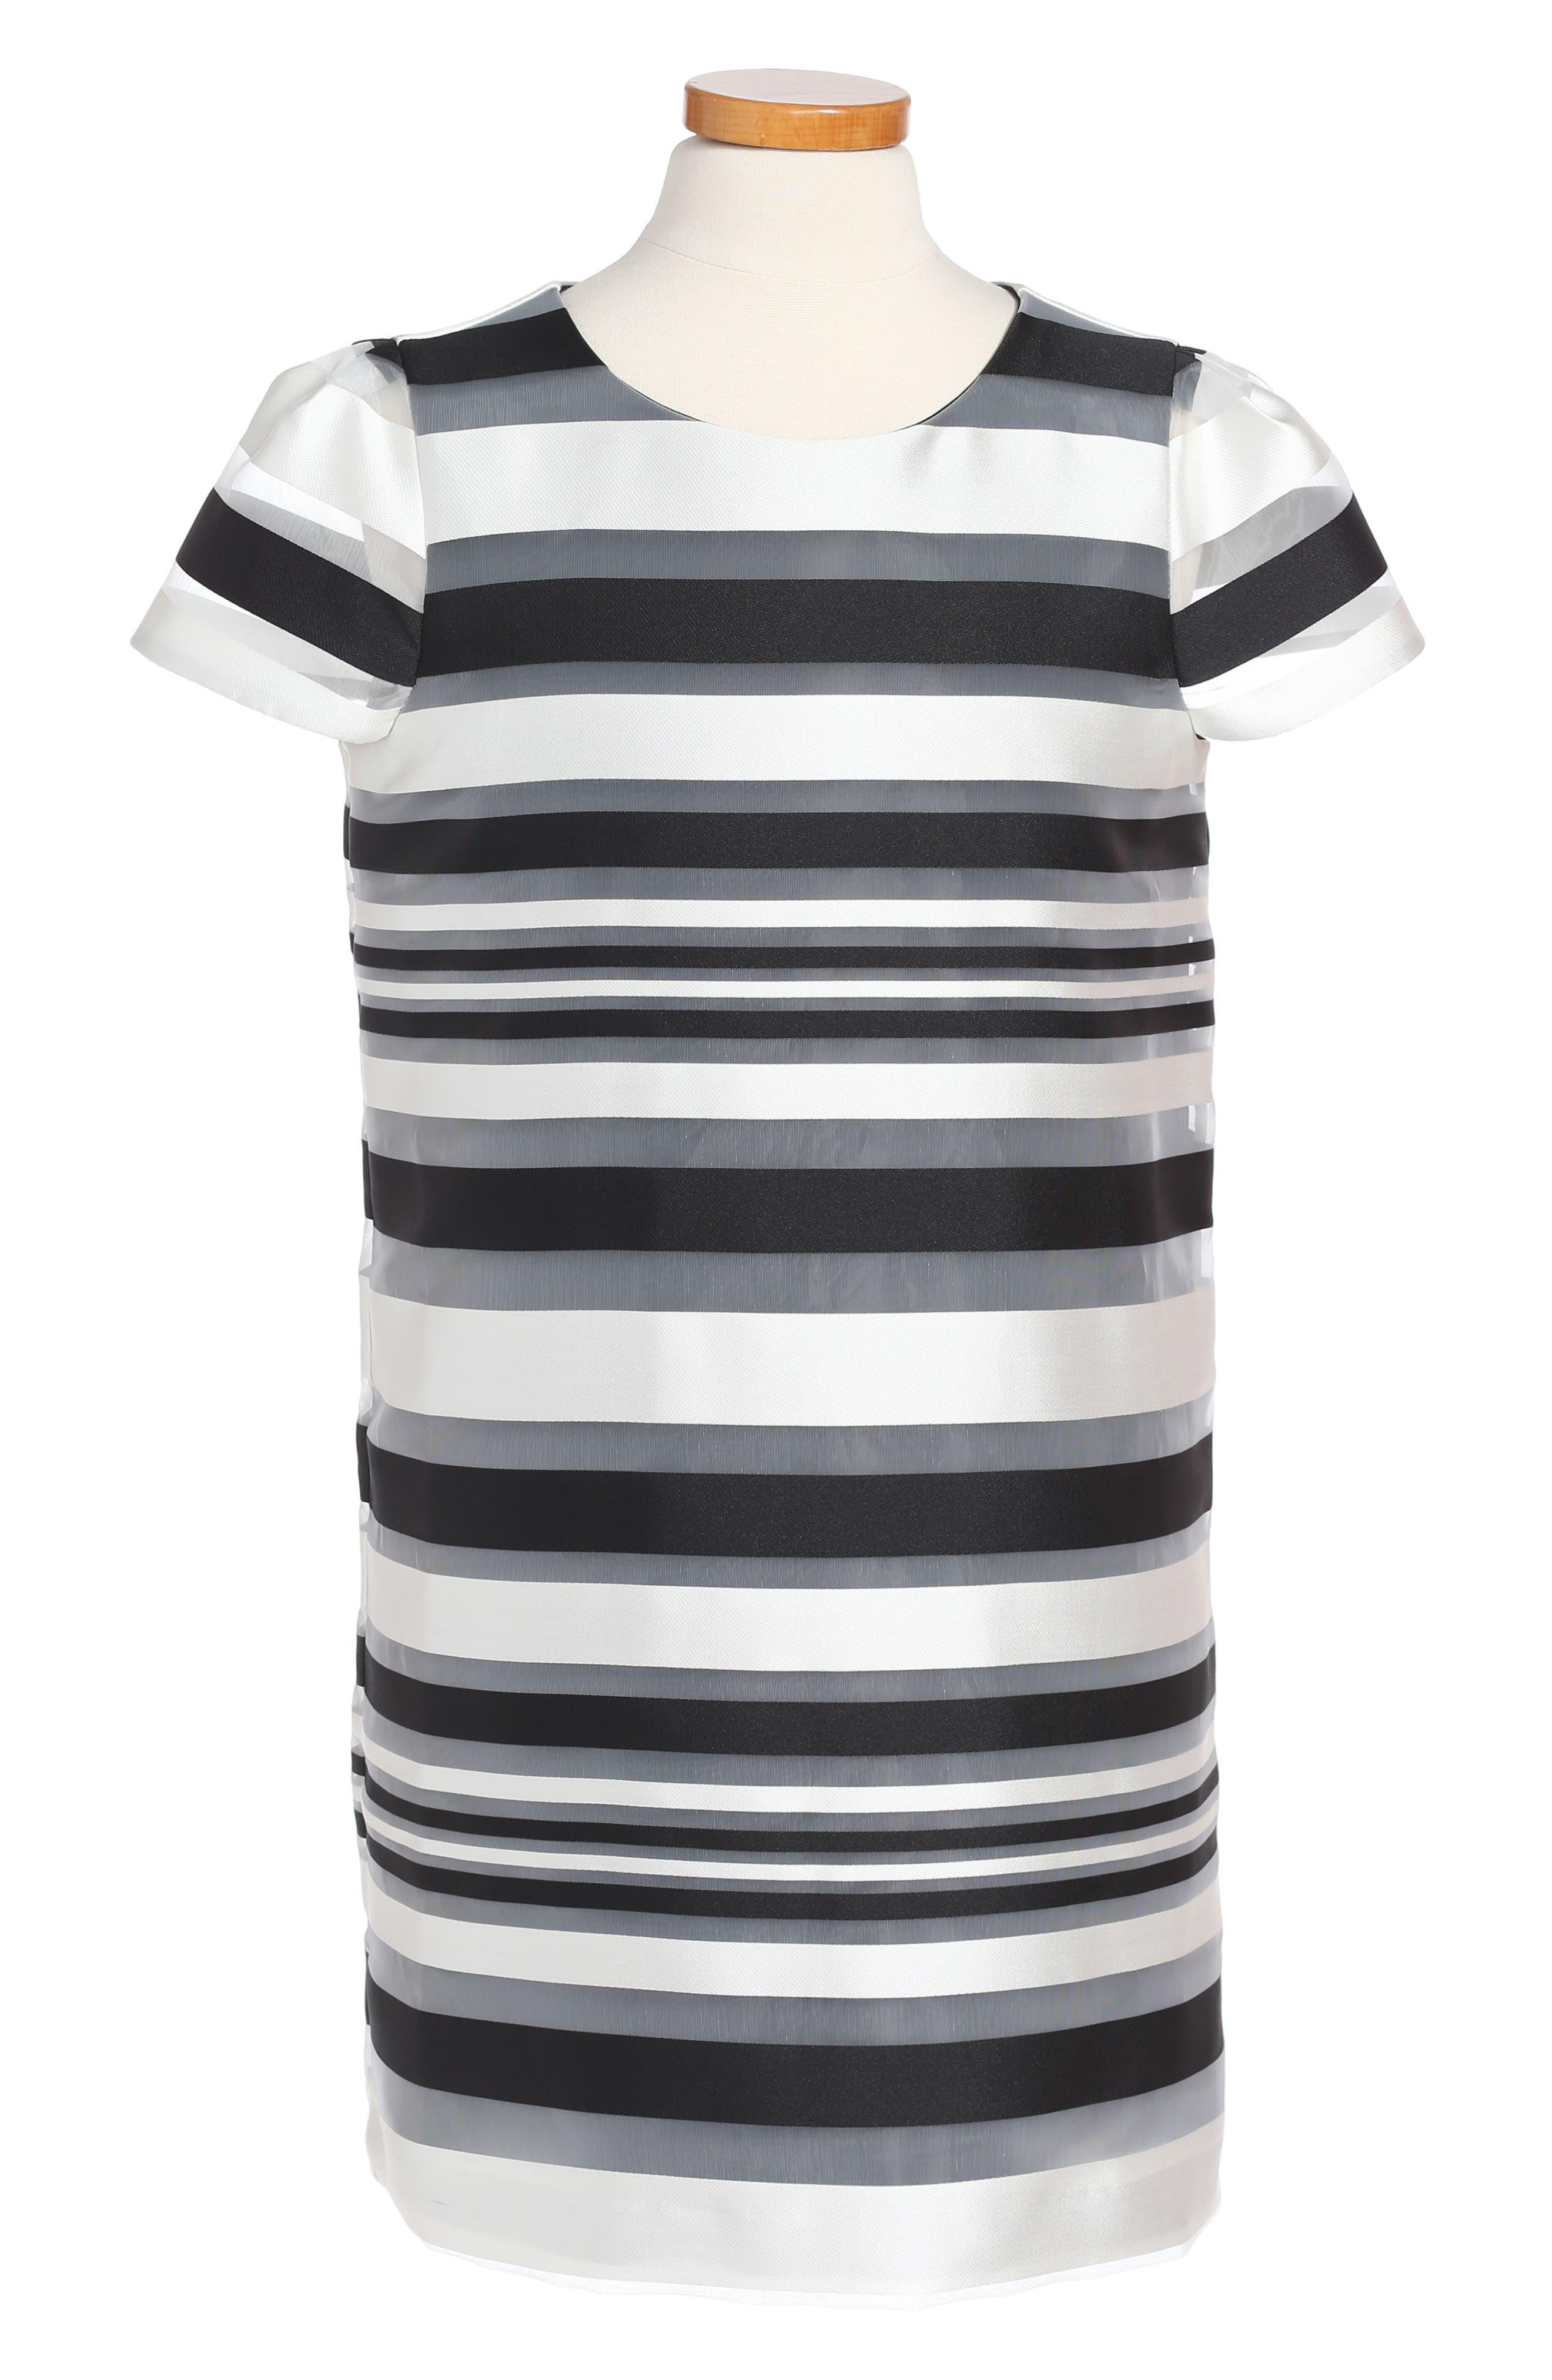 Chloe Illusion Stripe Shift Dress,                             Main thumbnail 1, color,                             White/ Black